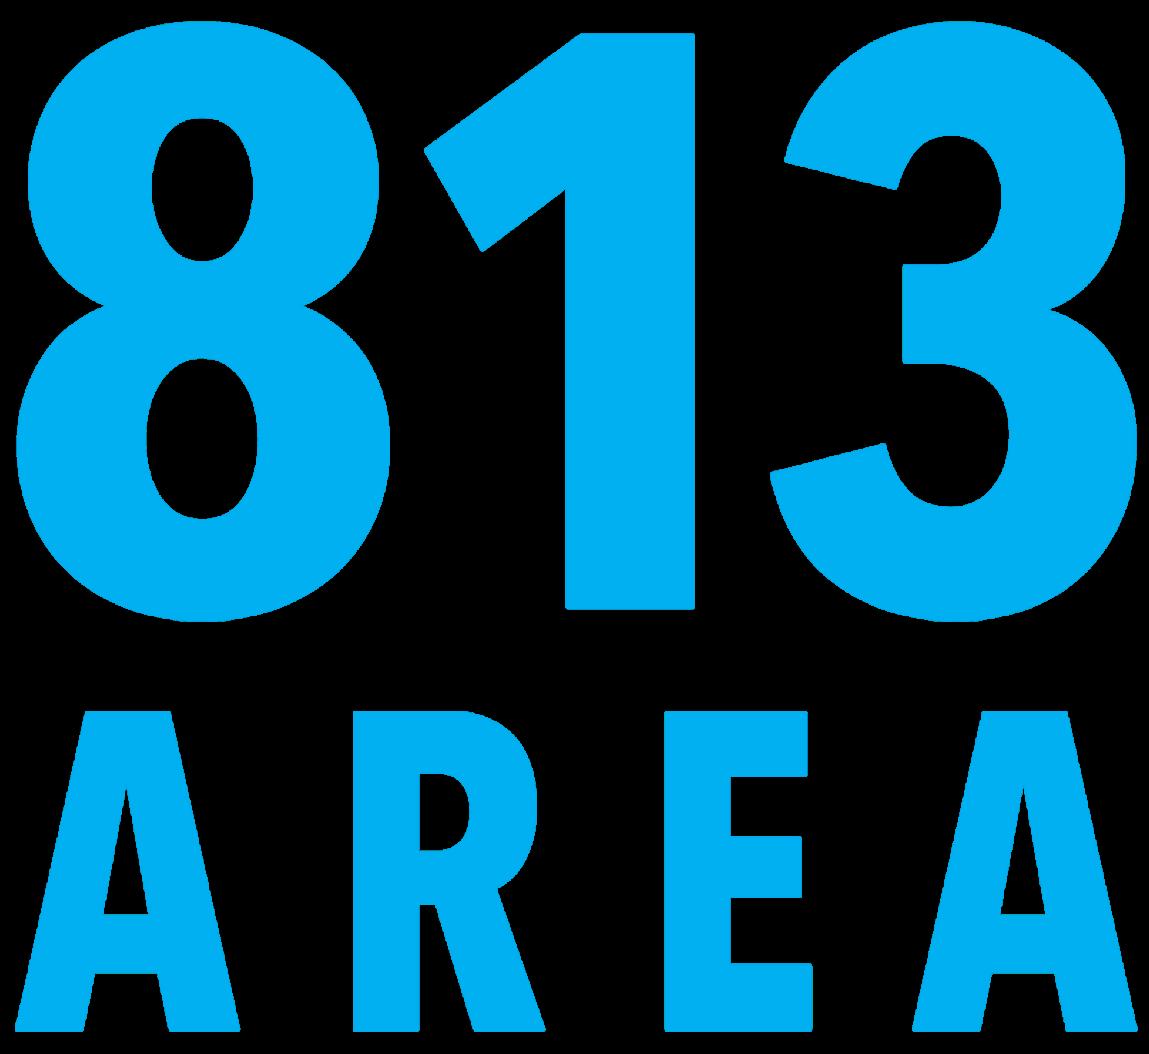 212area.com